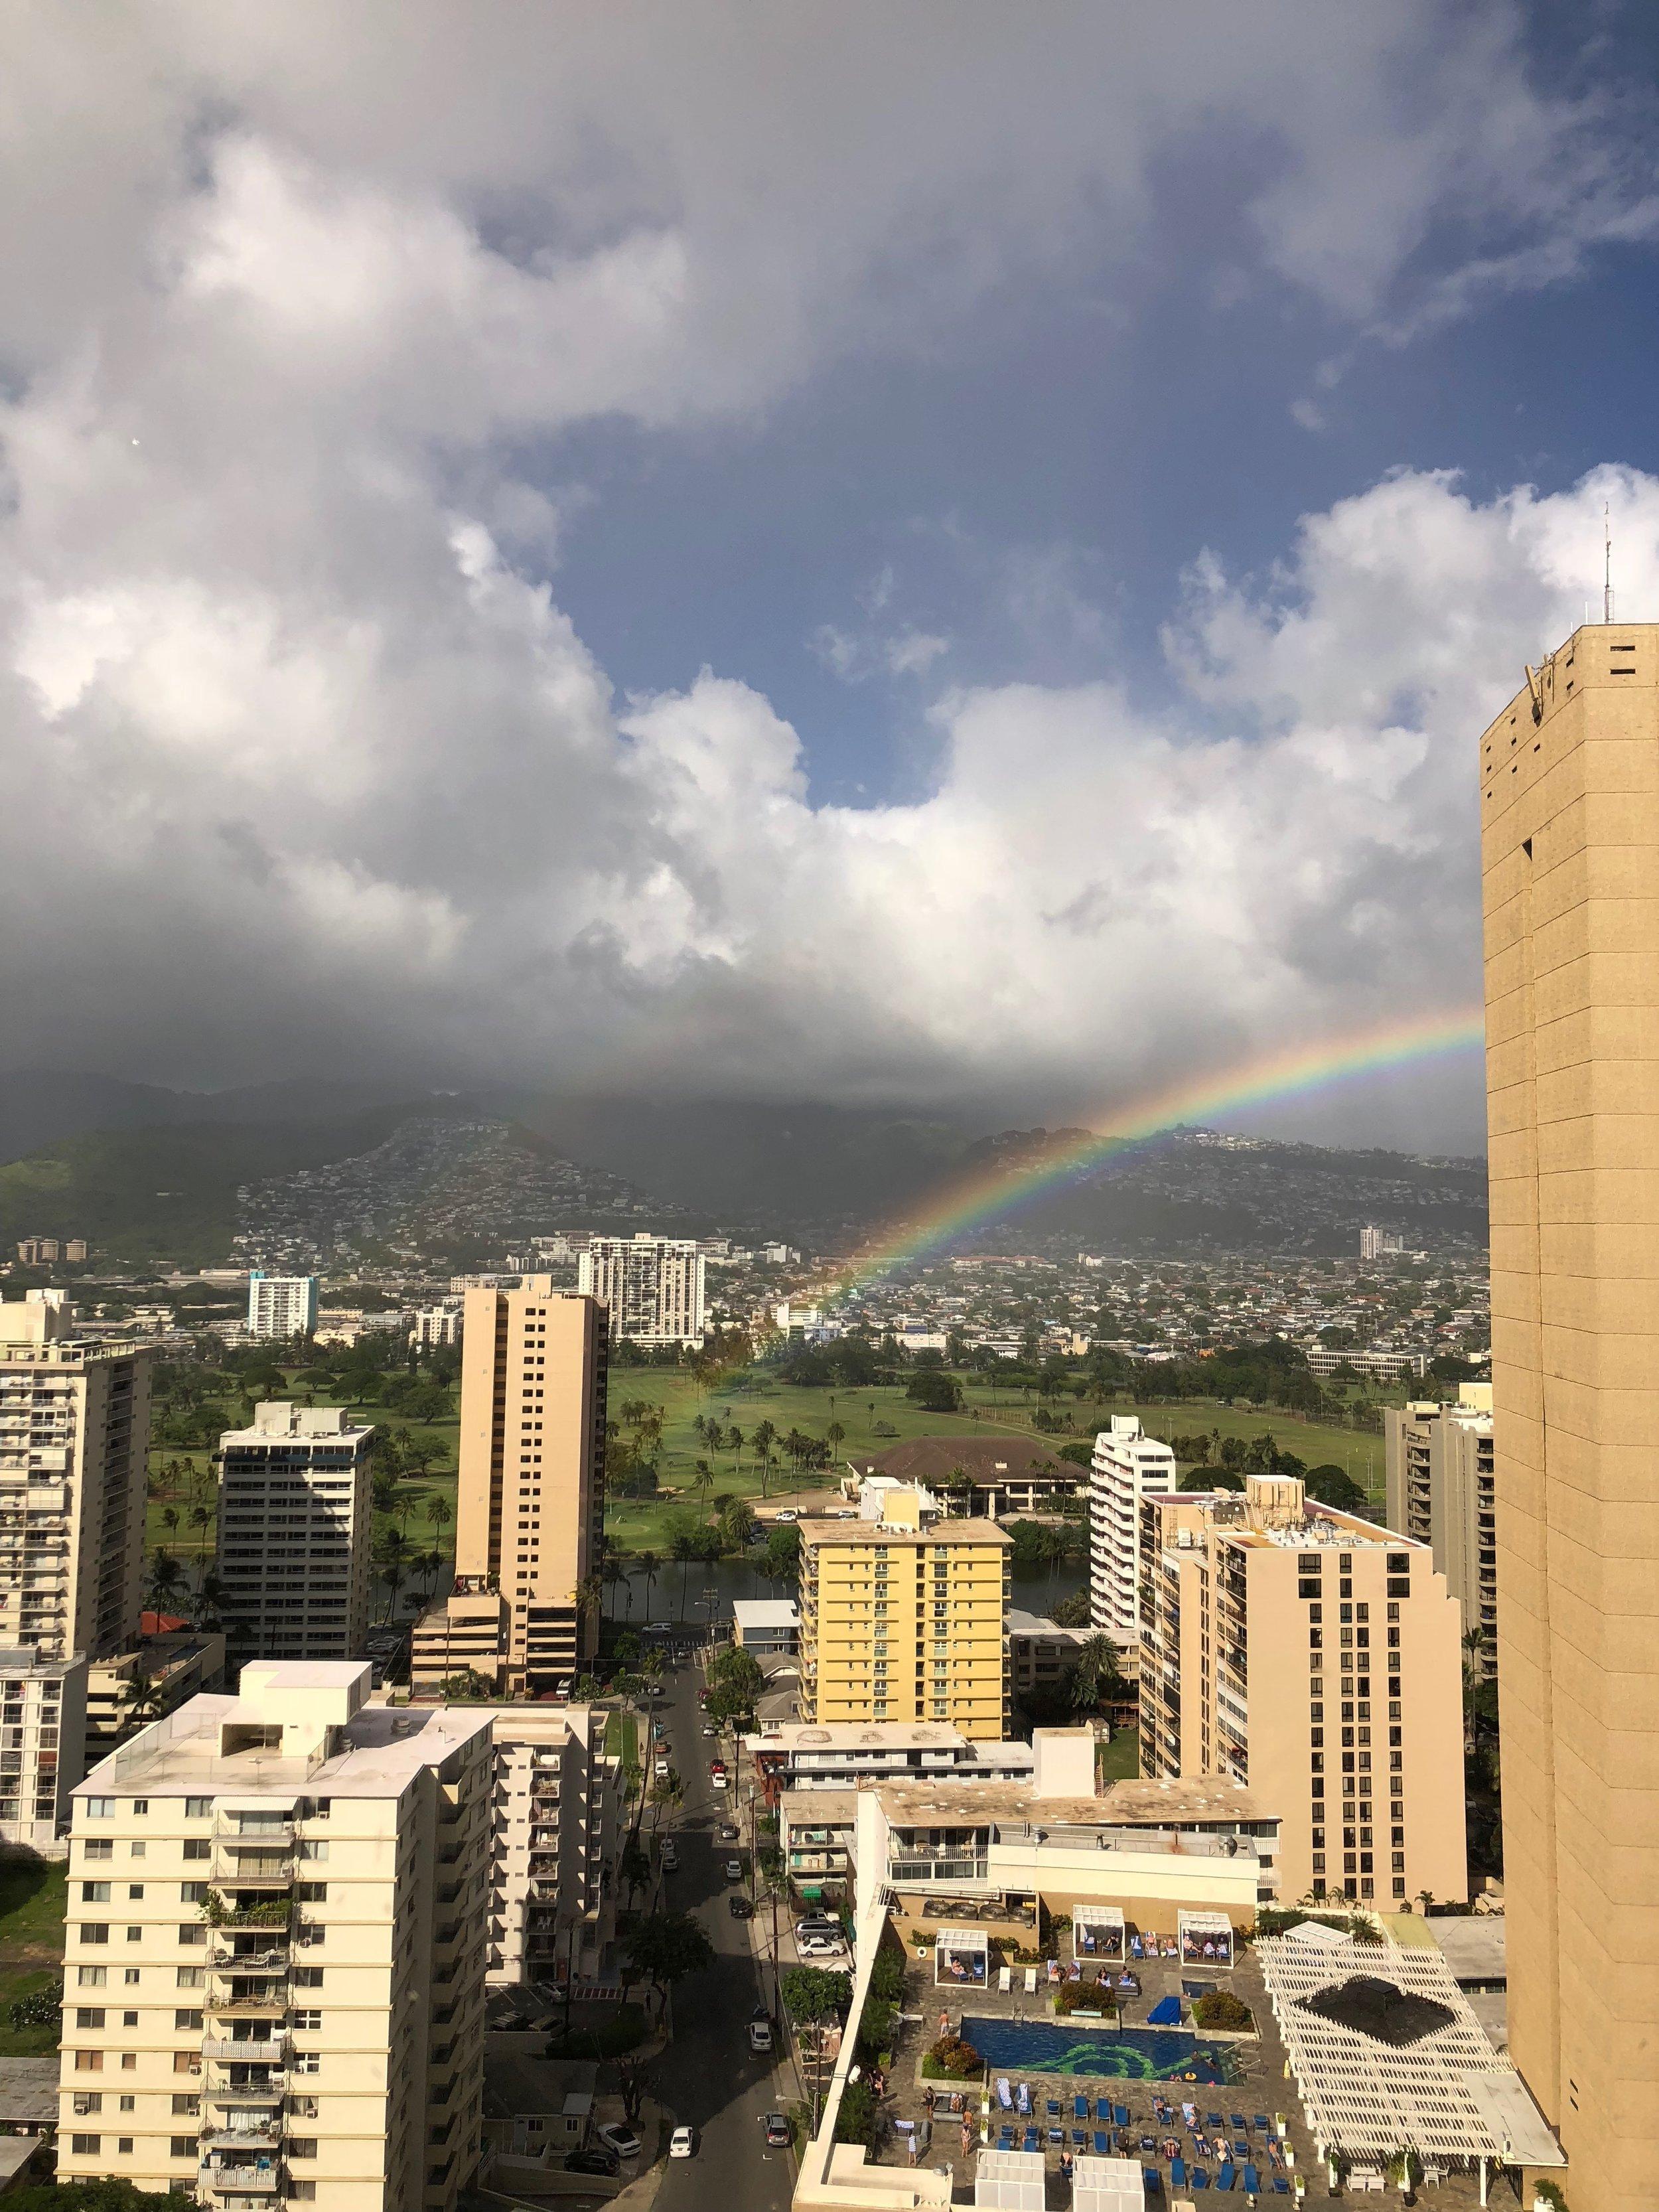 Hawaiin Rainbows in Honolulu